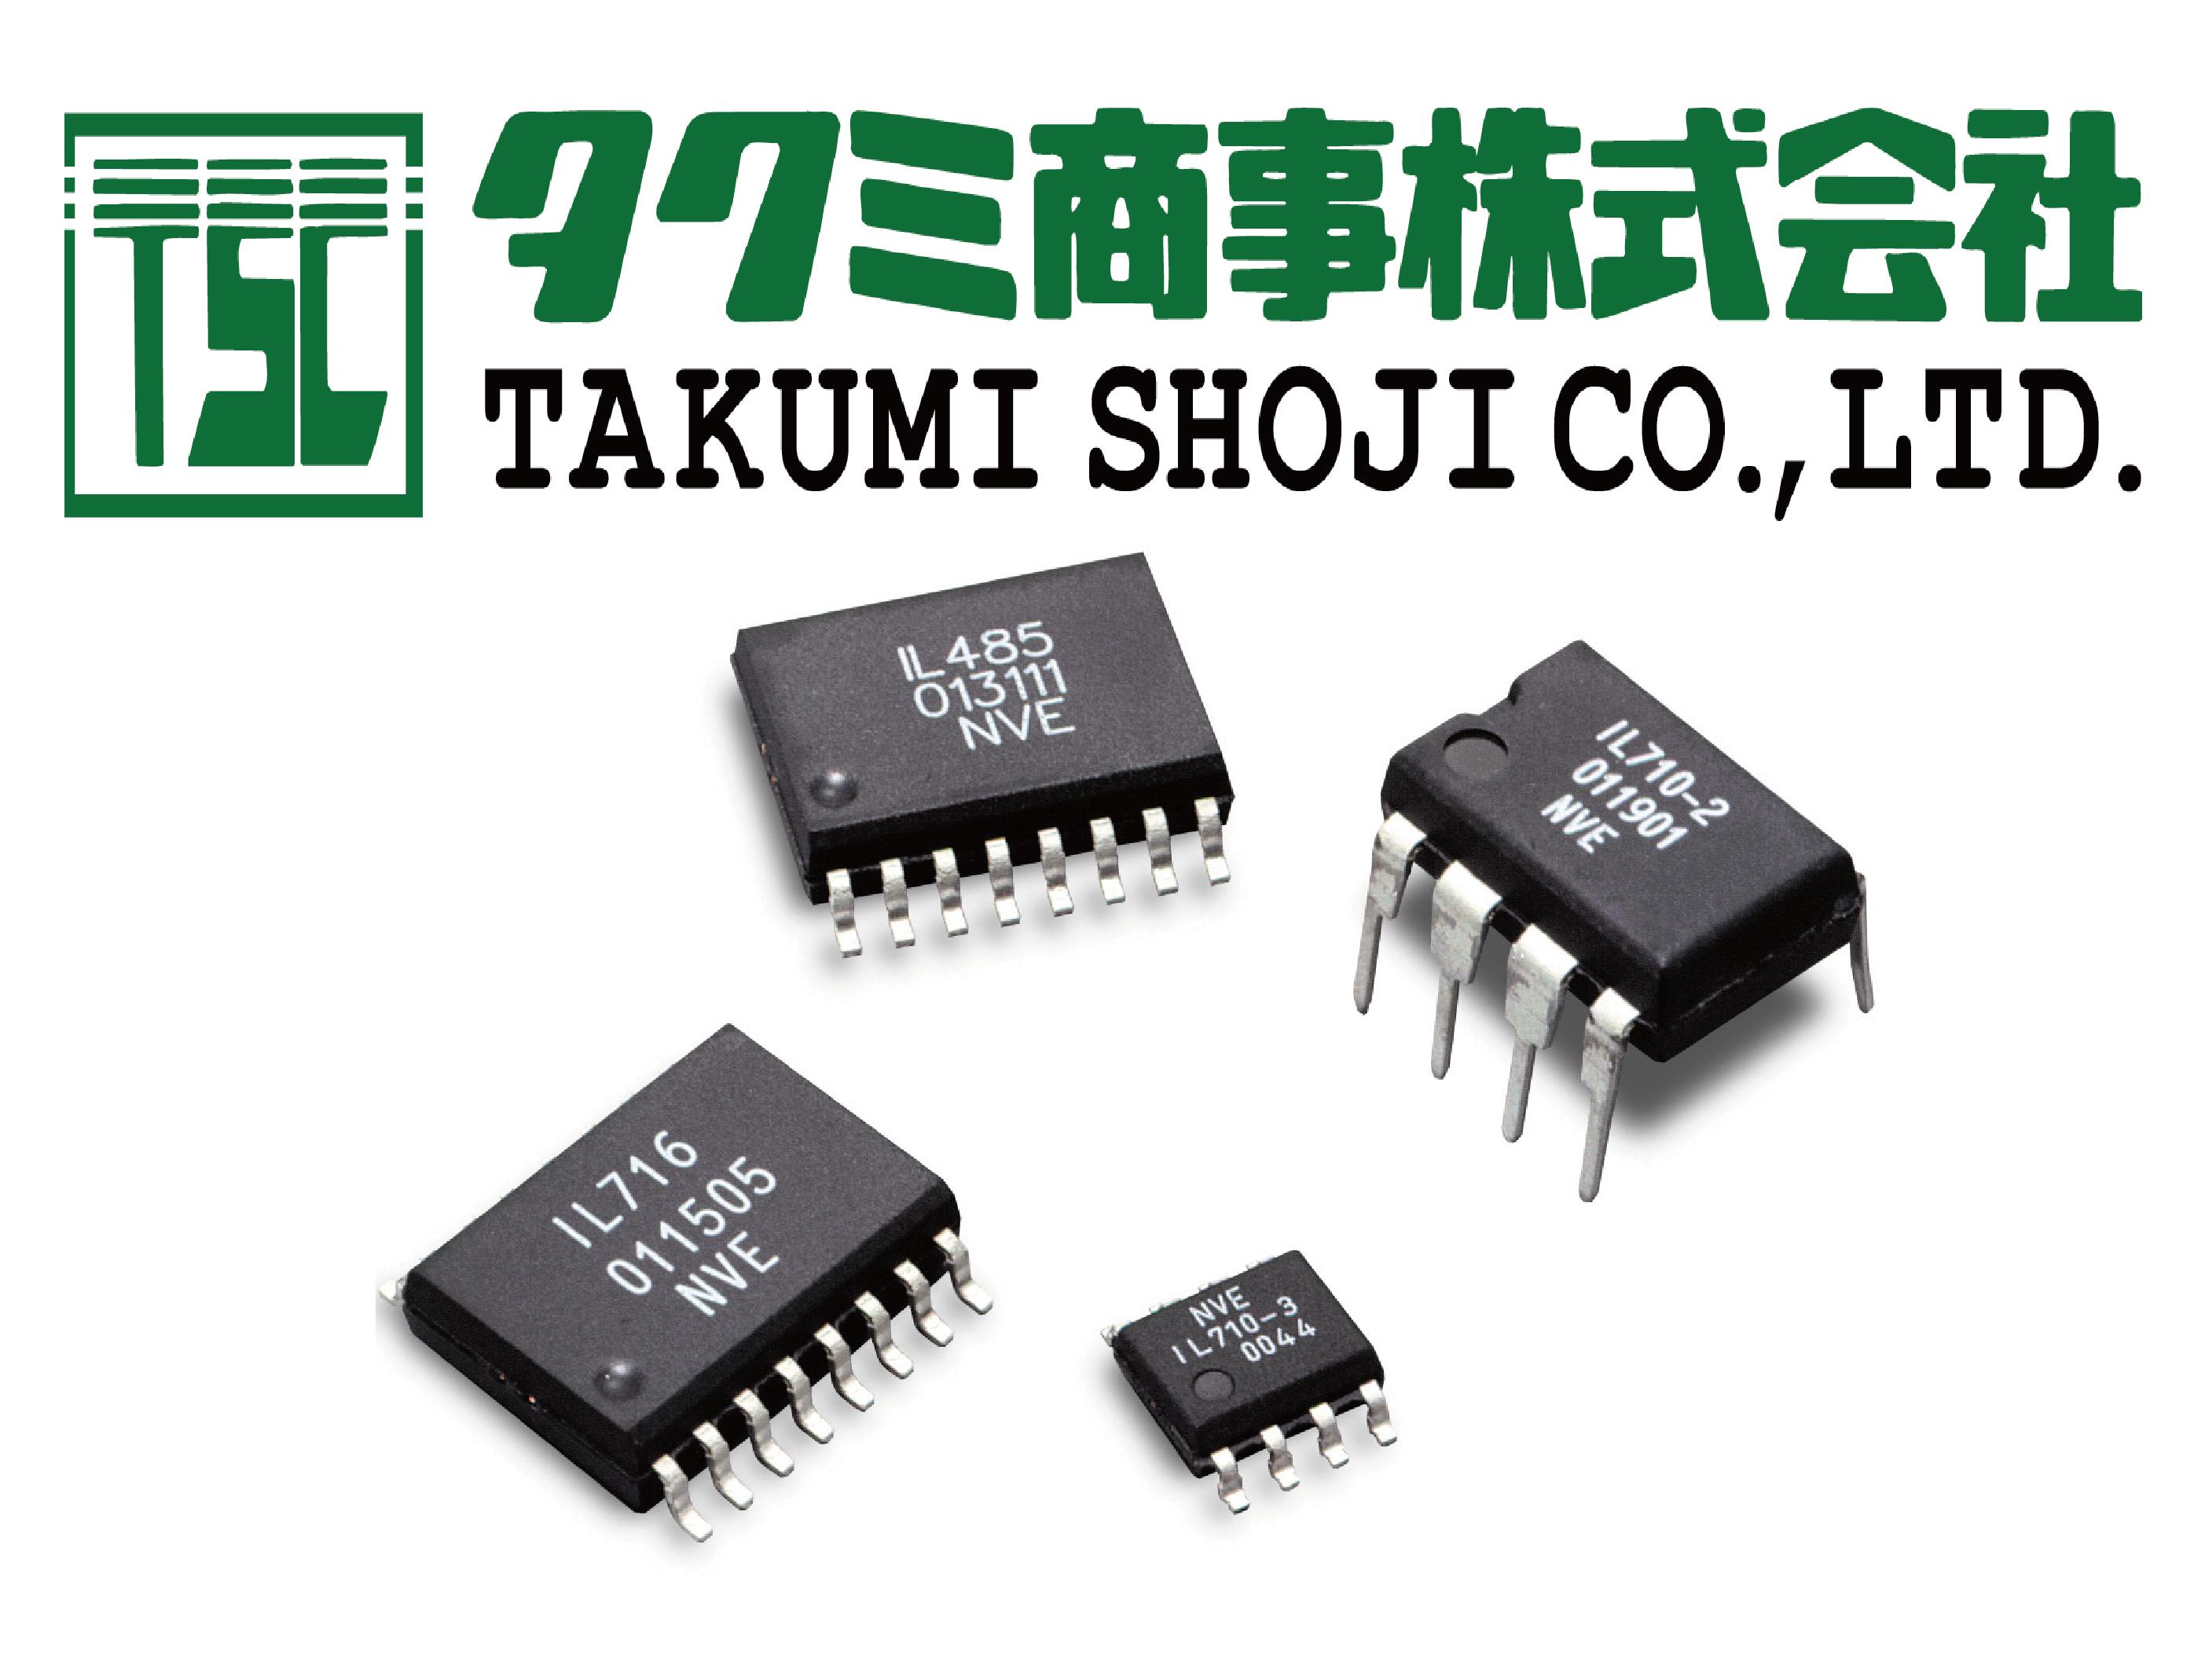 電子部品IC、多品種少量、香港IPO調達